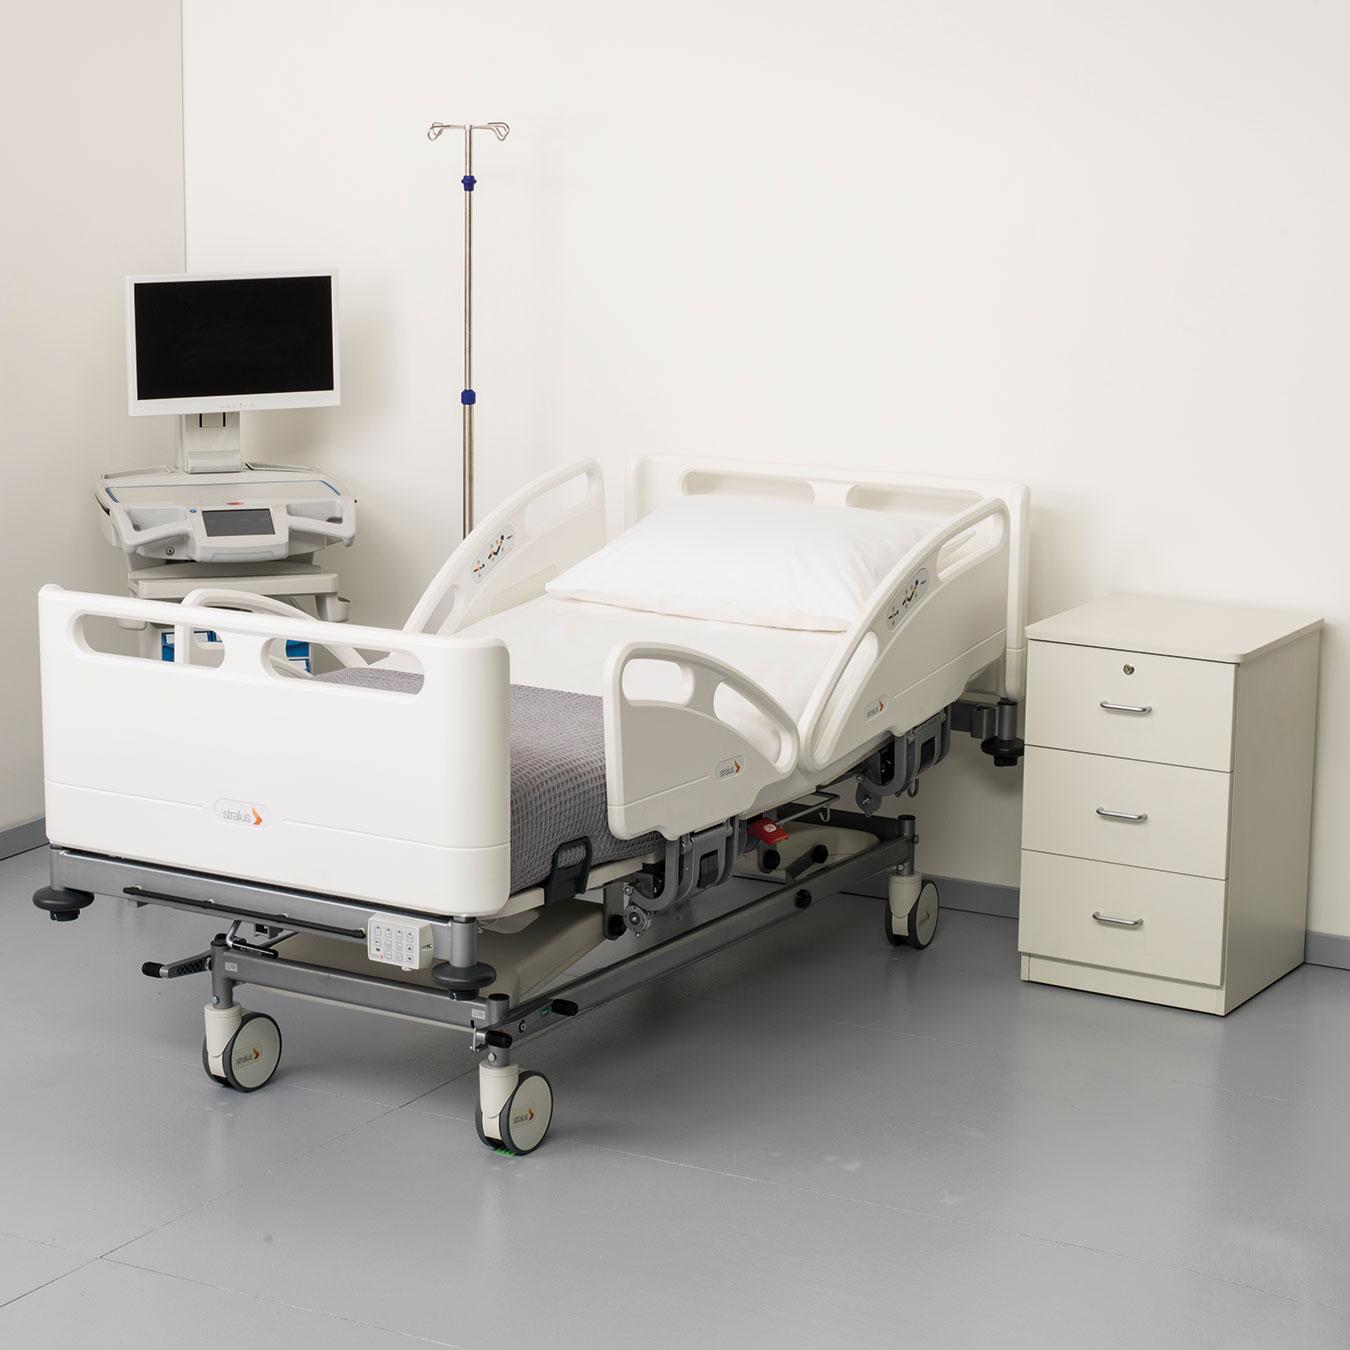 STRWARDC230-Stralus-C230-Acute-Care-Bed-Image-File-3_v1